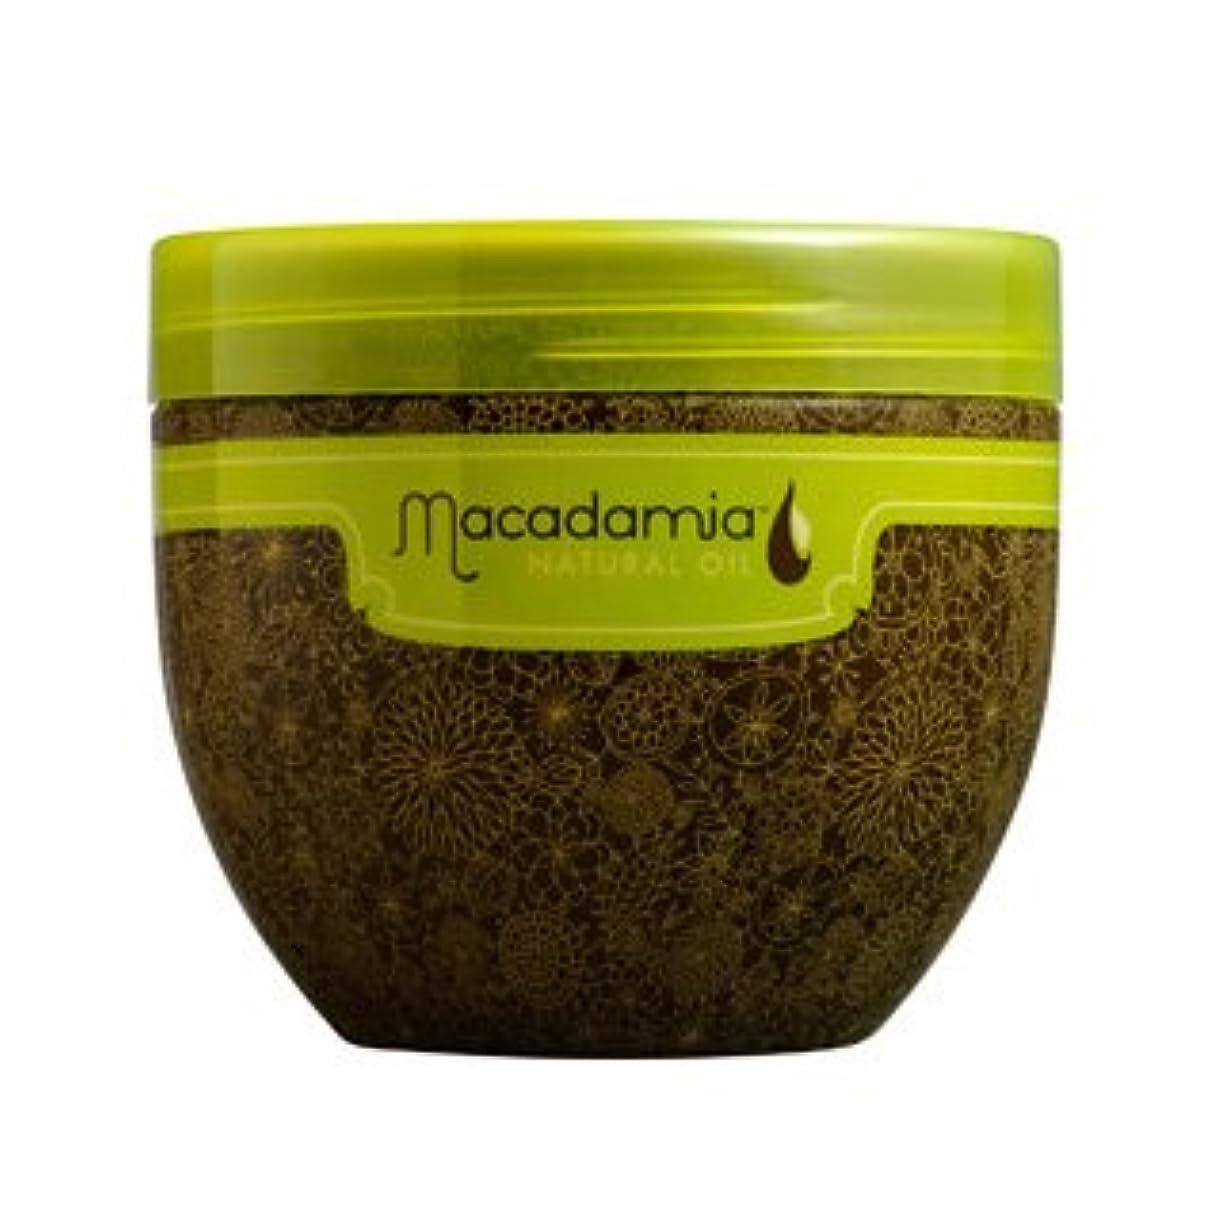 紳士リーガン回復マカダミア ナチュラルオイル(Macadamia NATURAL OIL) MNOマスク[並行輸入品]